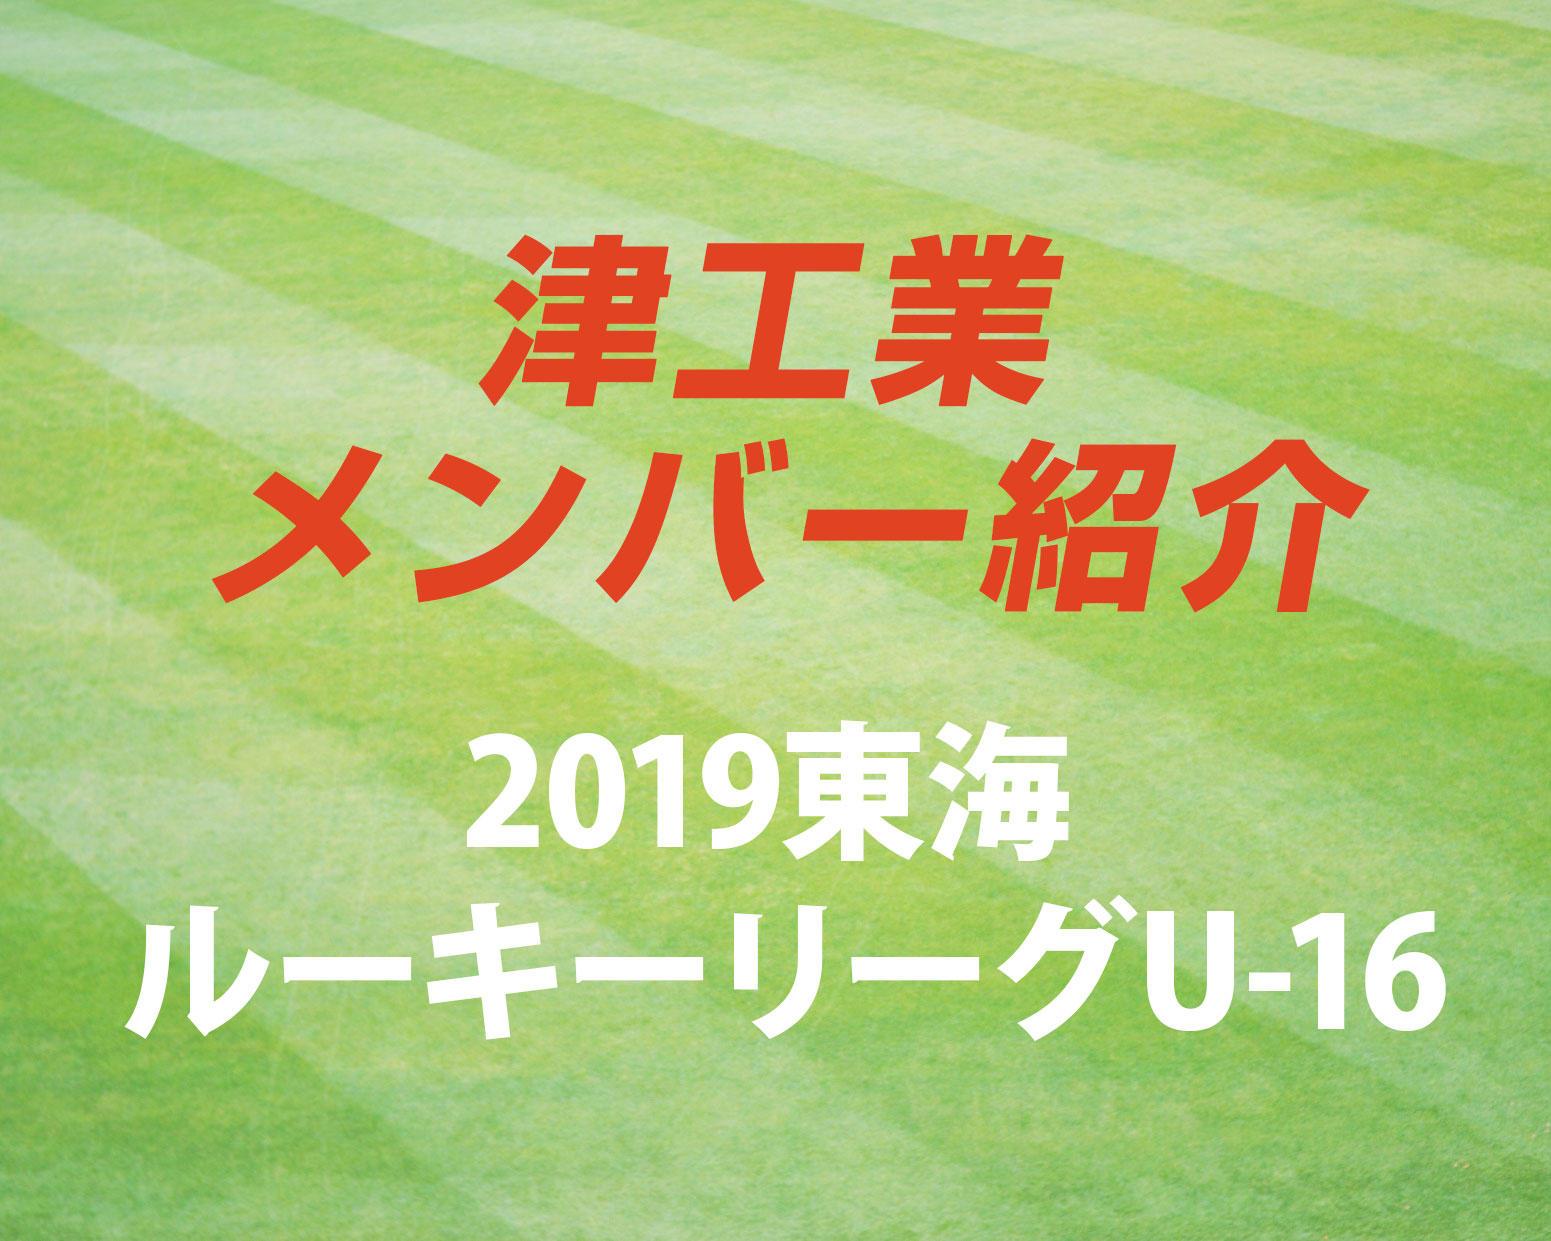 三重の強豪・津工業高校サッカー部のメンバー紹介!(2019 東海ルーキーリーグU-16)